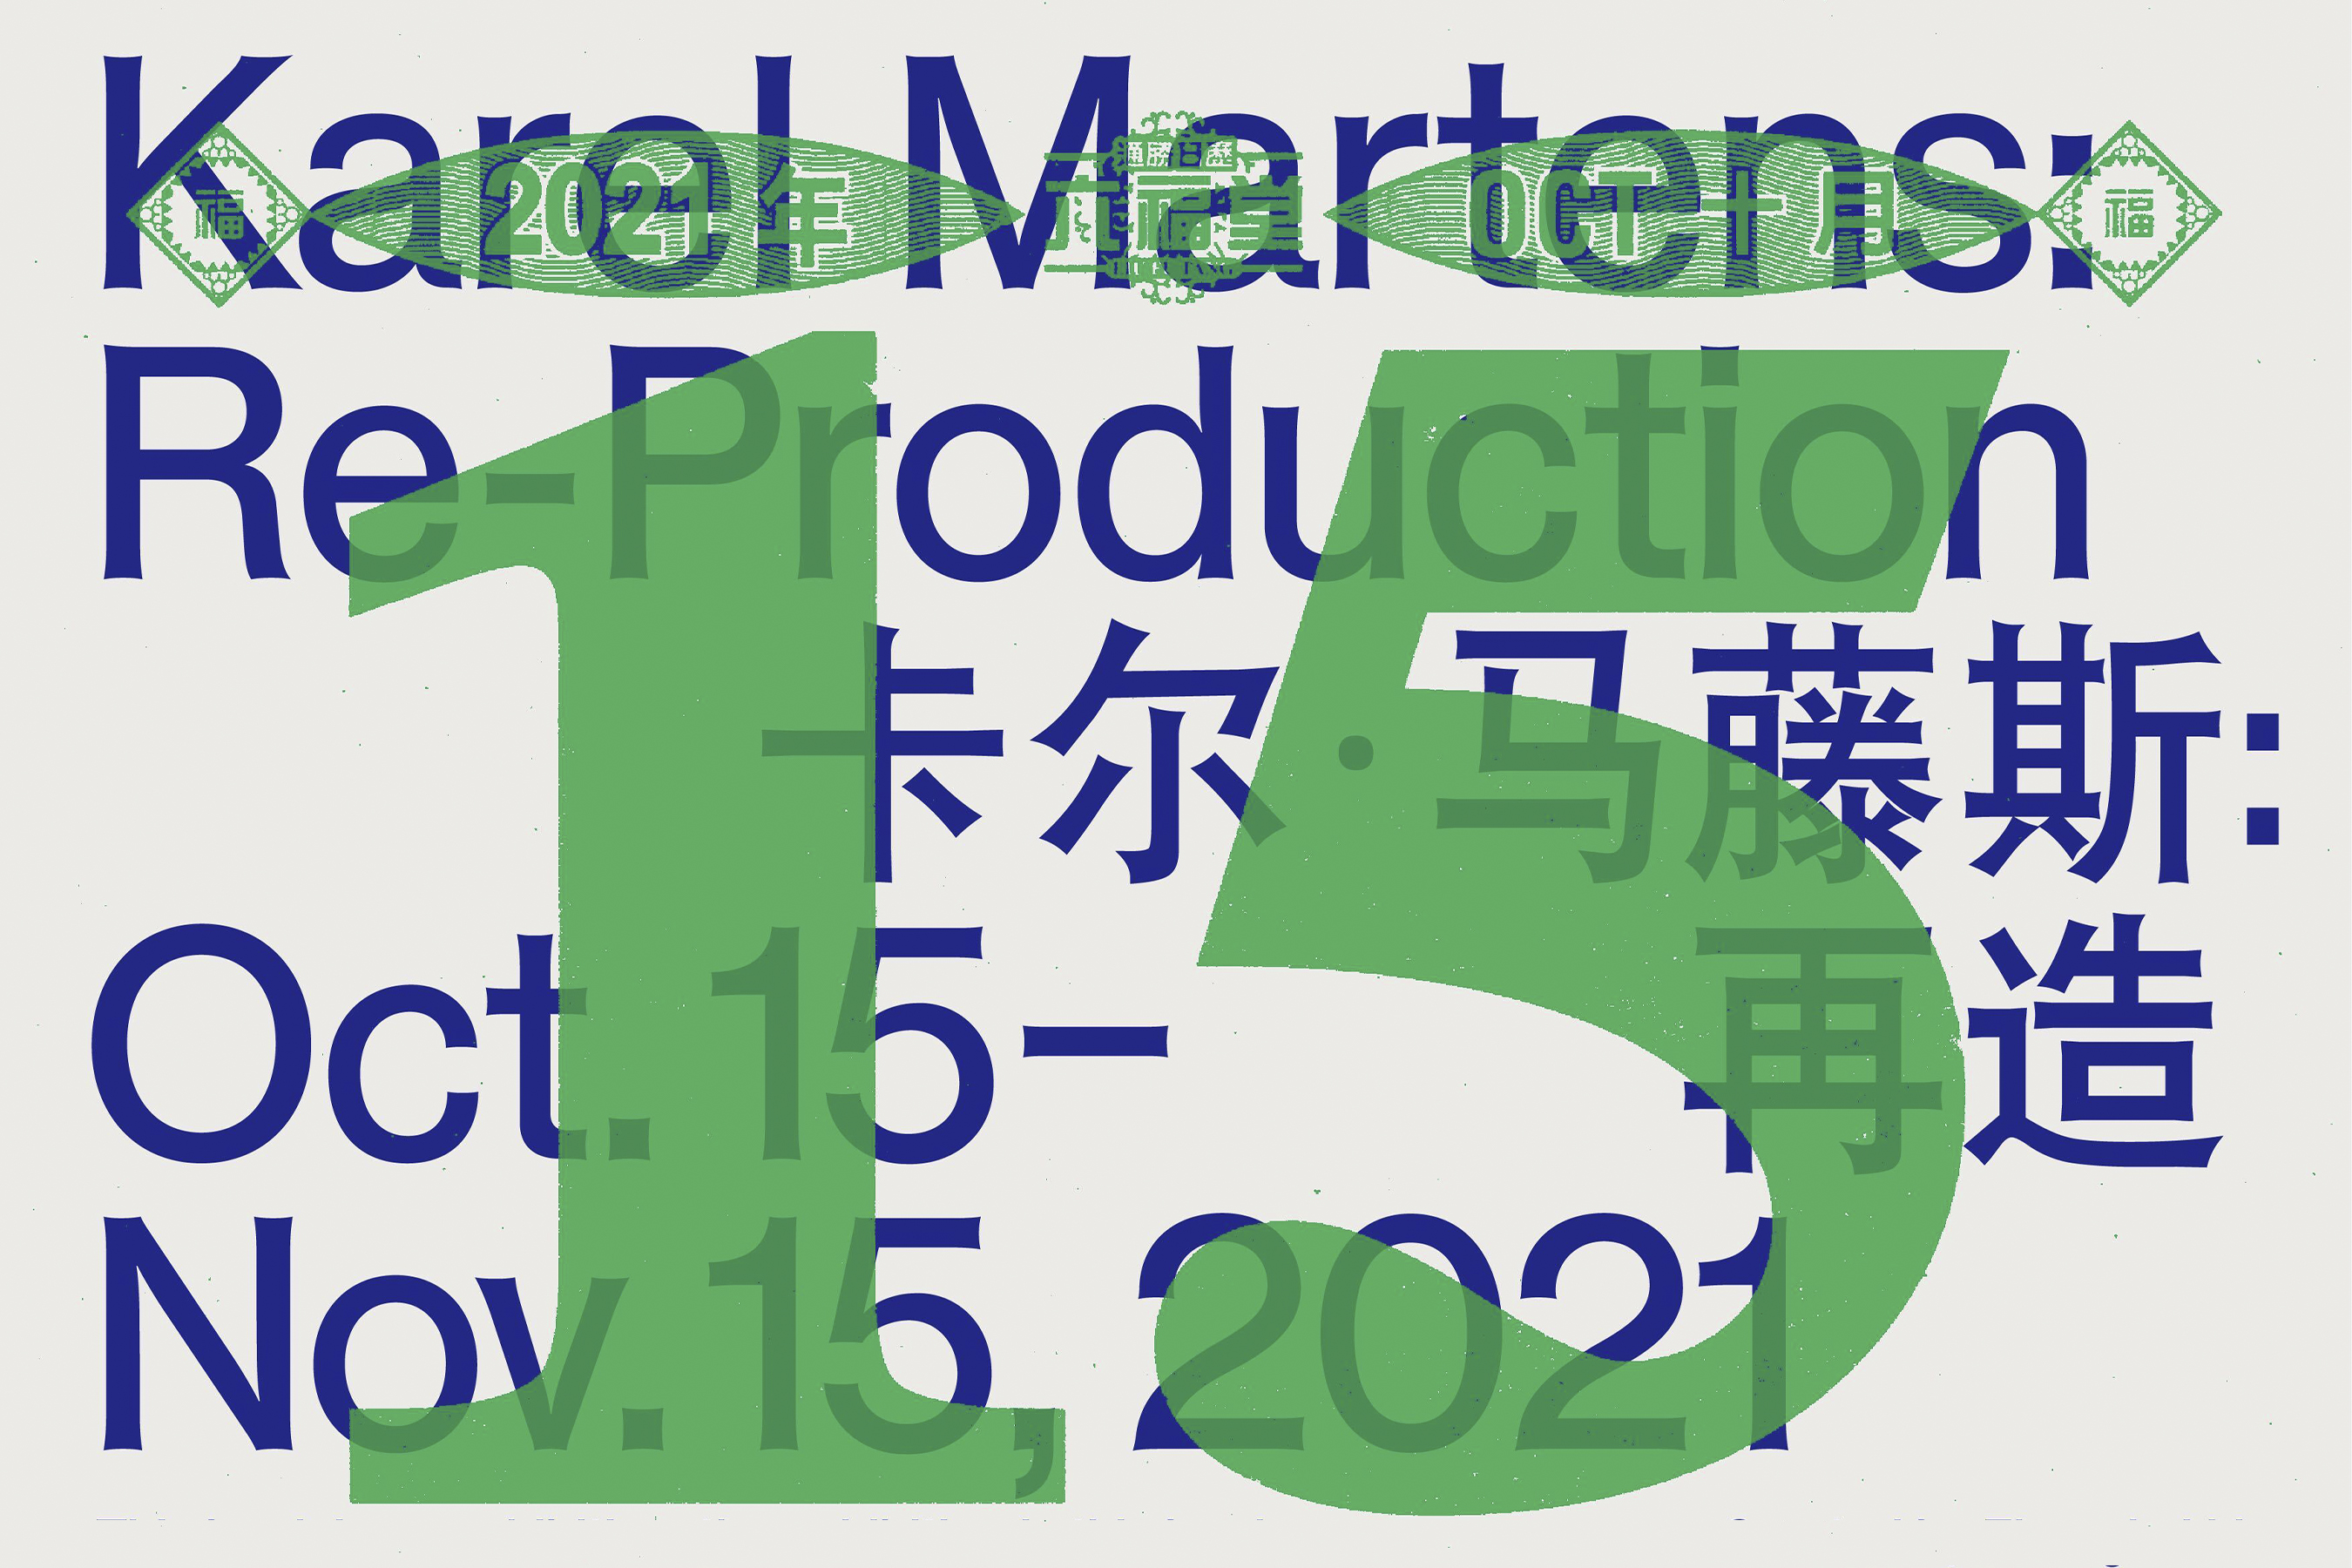 Karel Martens: Re-Production